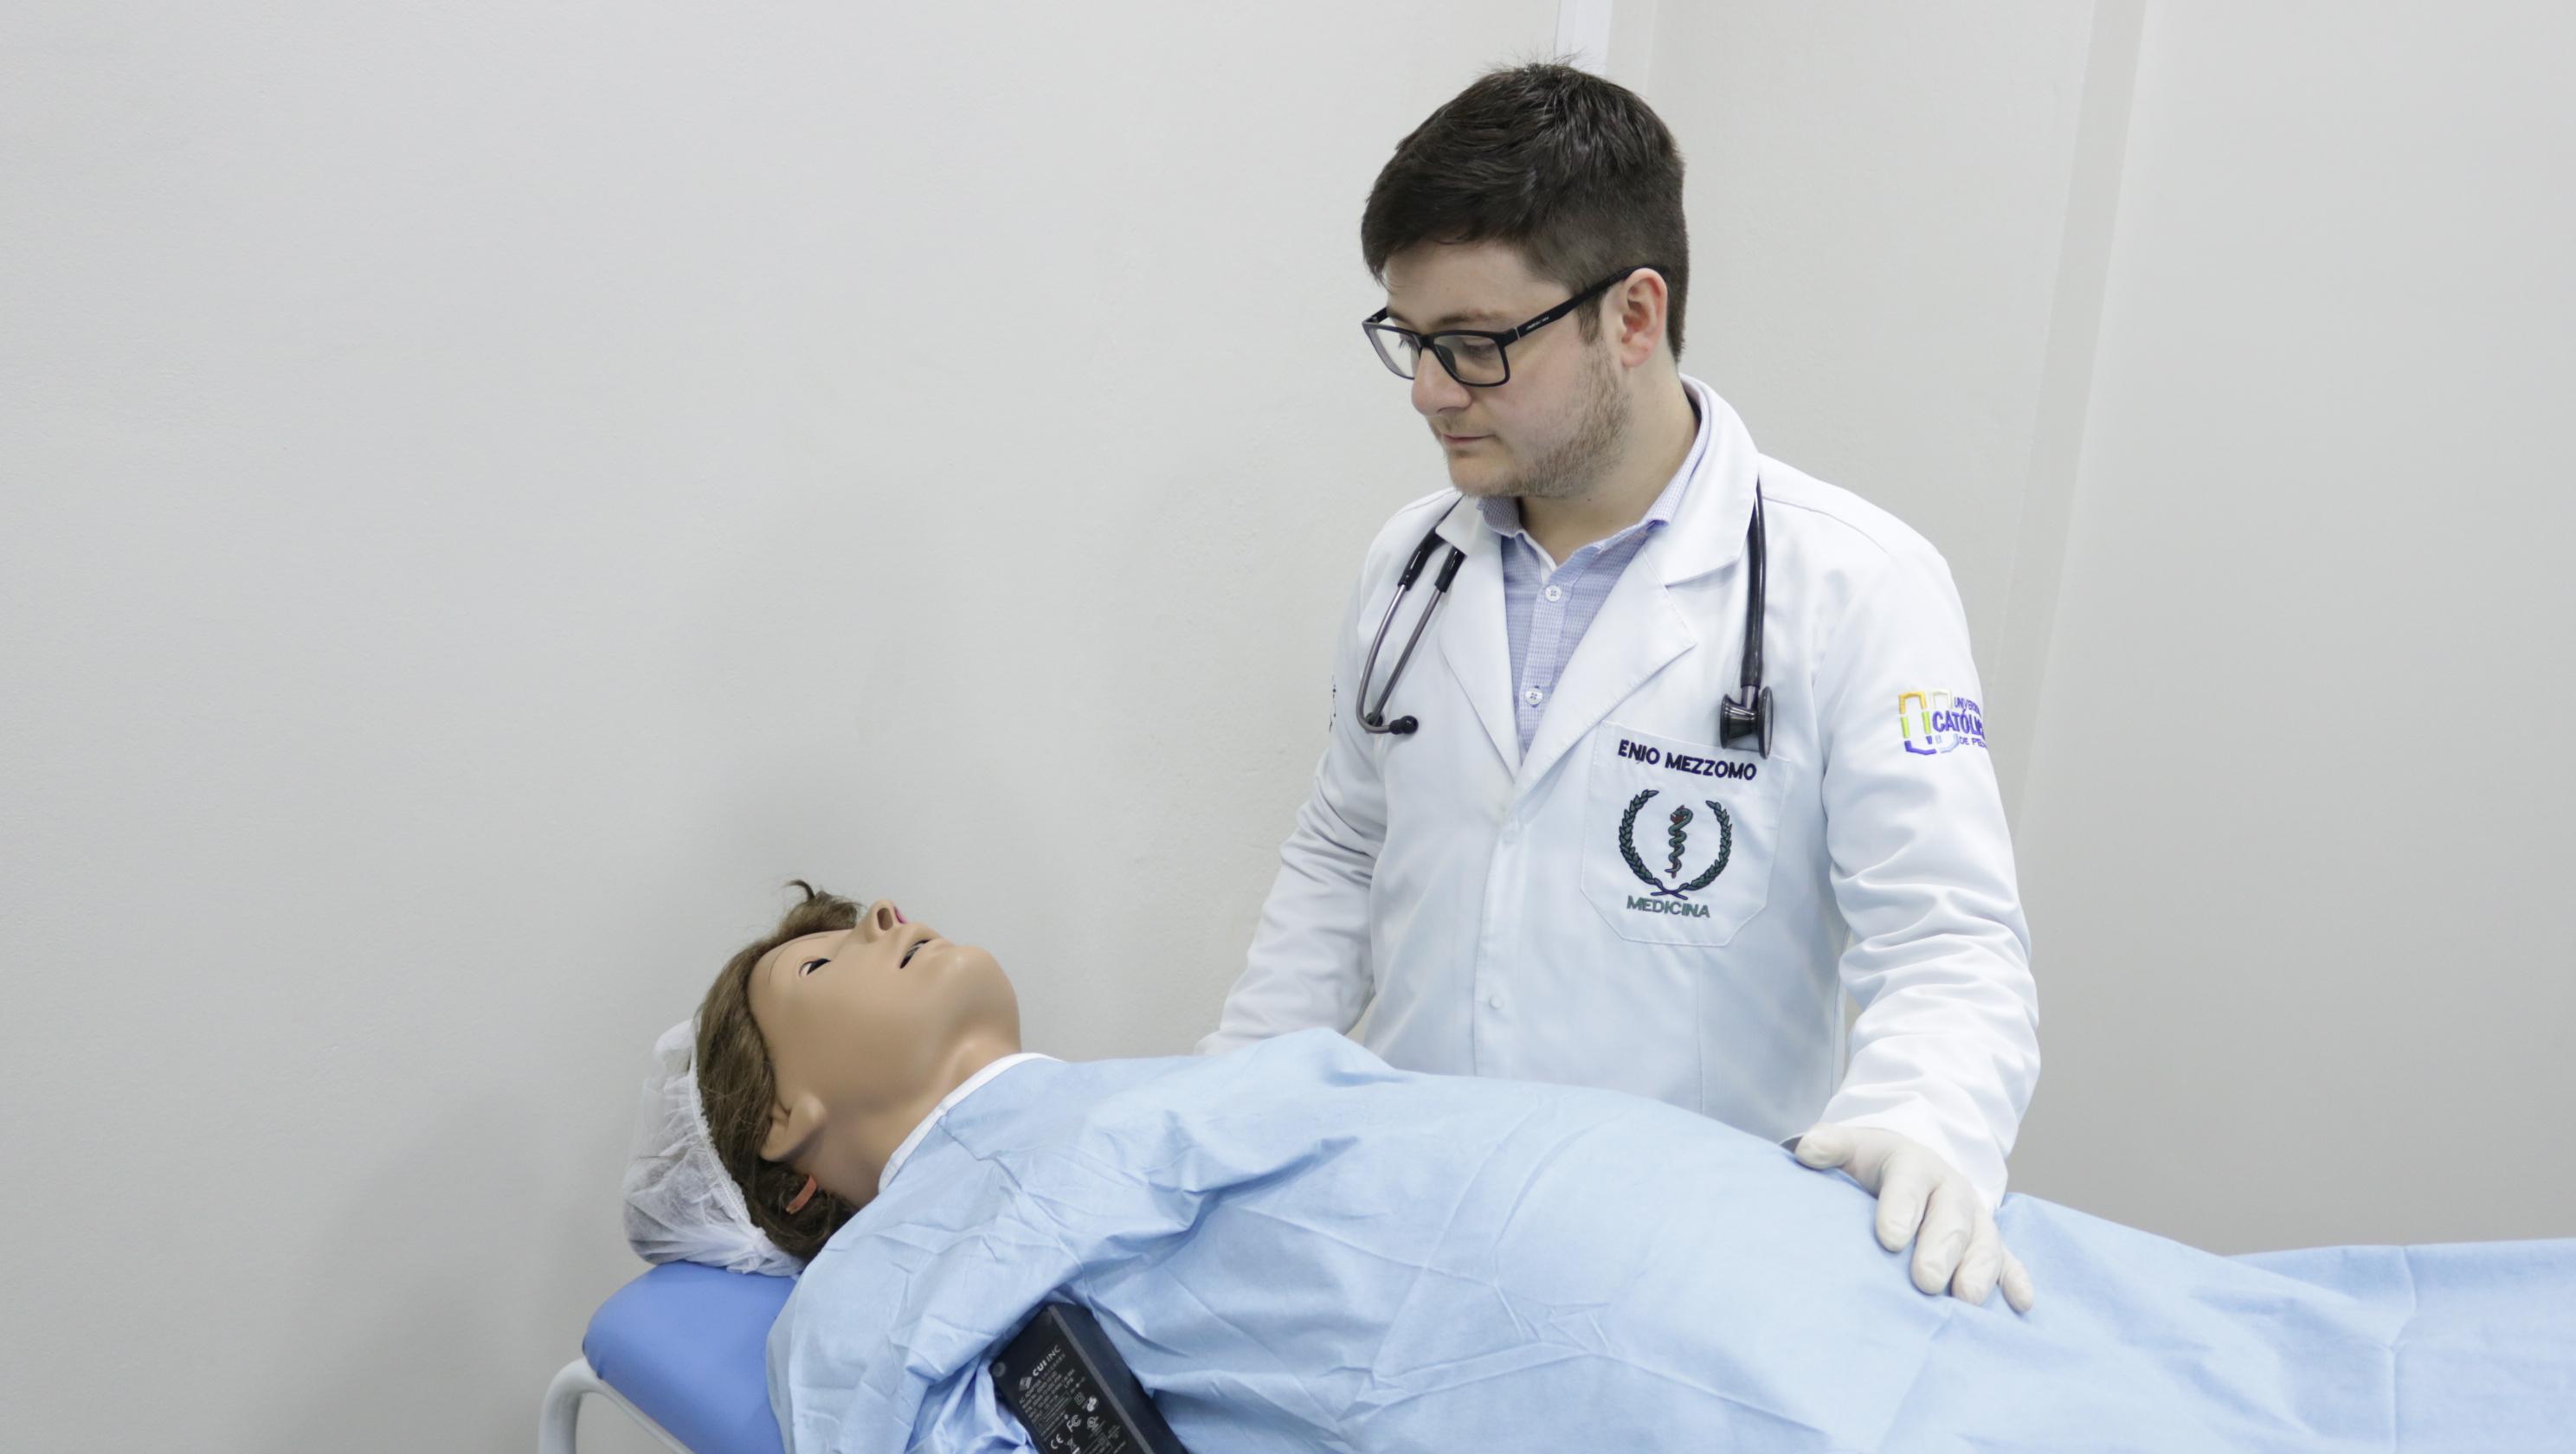 acadêmico da medicina com manequim de simulação